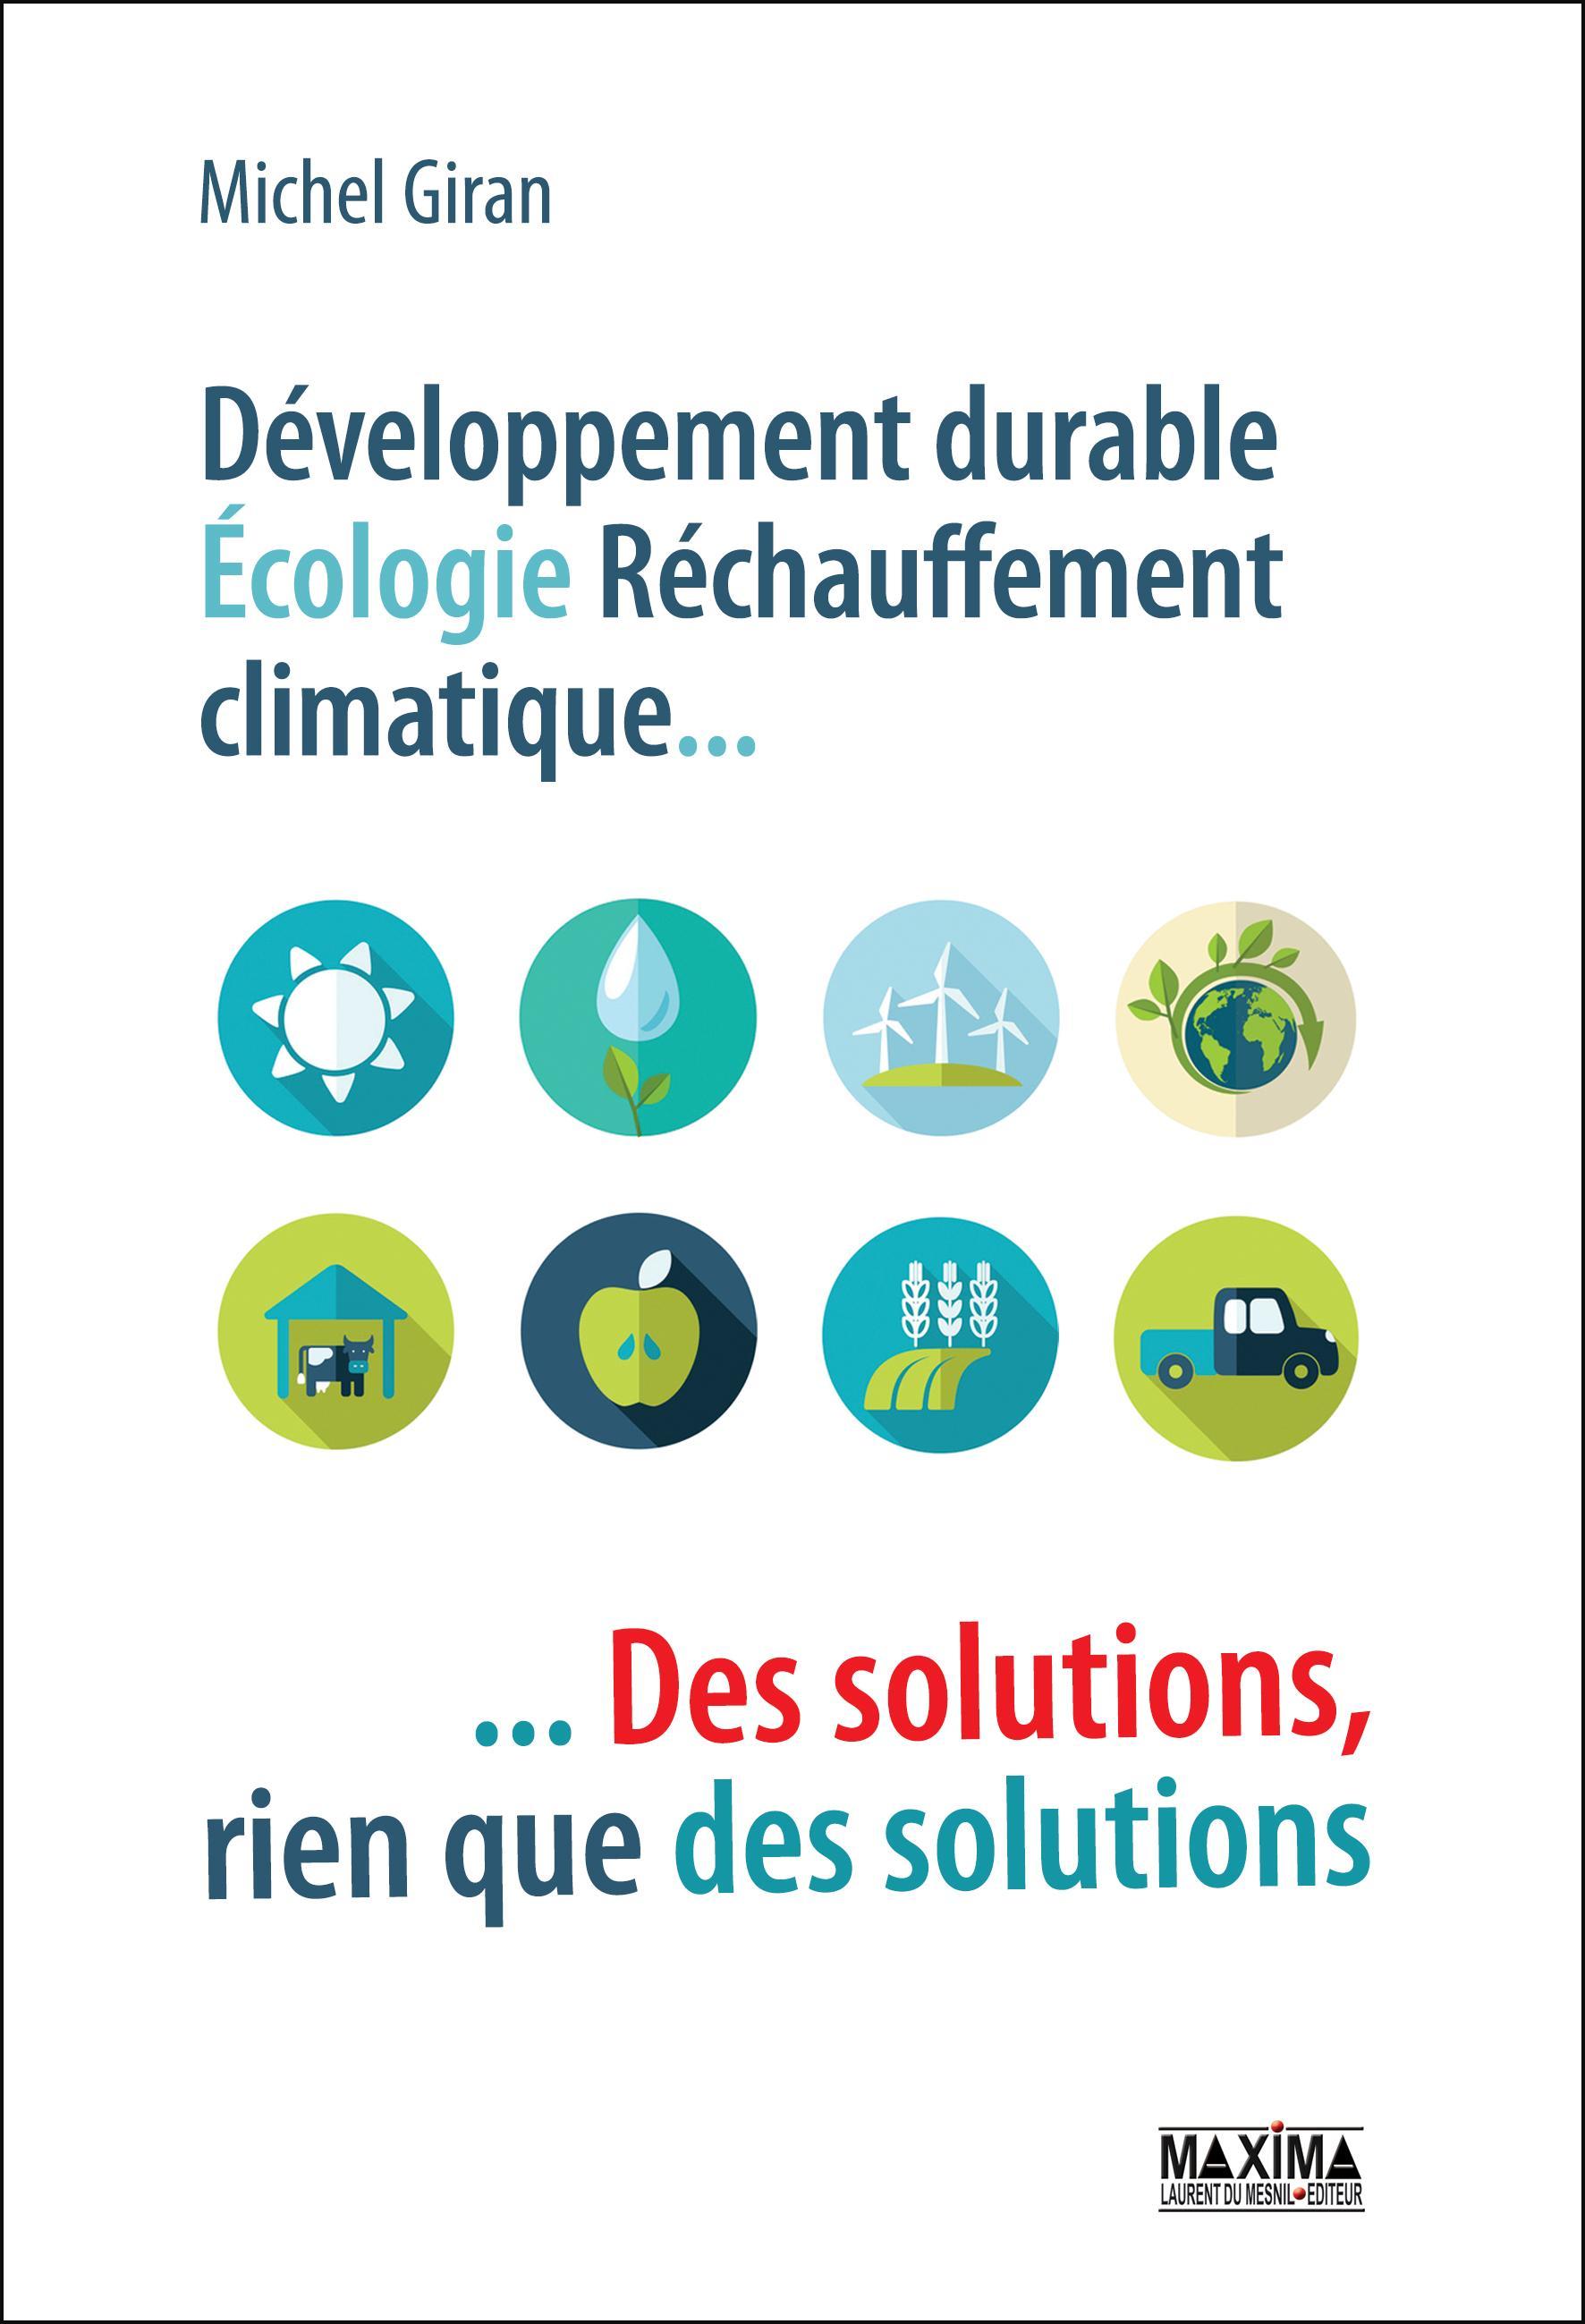 Développement durable, écologie, réchauffement climatique..., DES SOLUTIONS, RIEN QUE DES SOLUTIONS